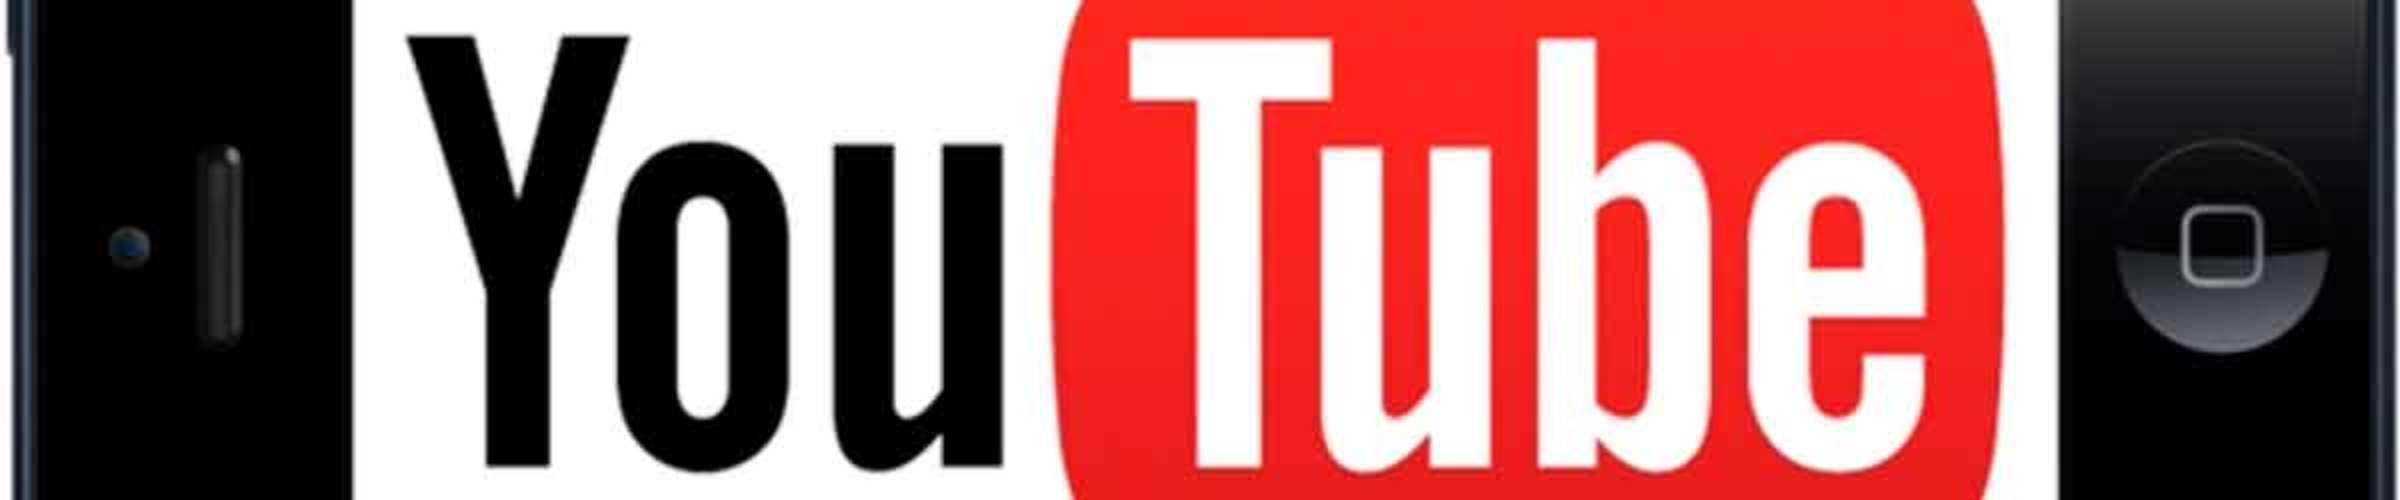 Как скачать видео с youtube на айфон 5S?